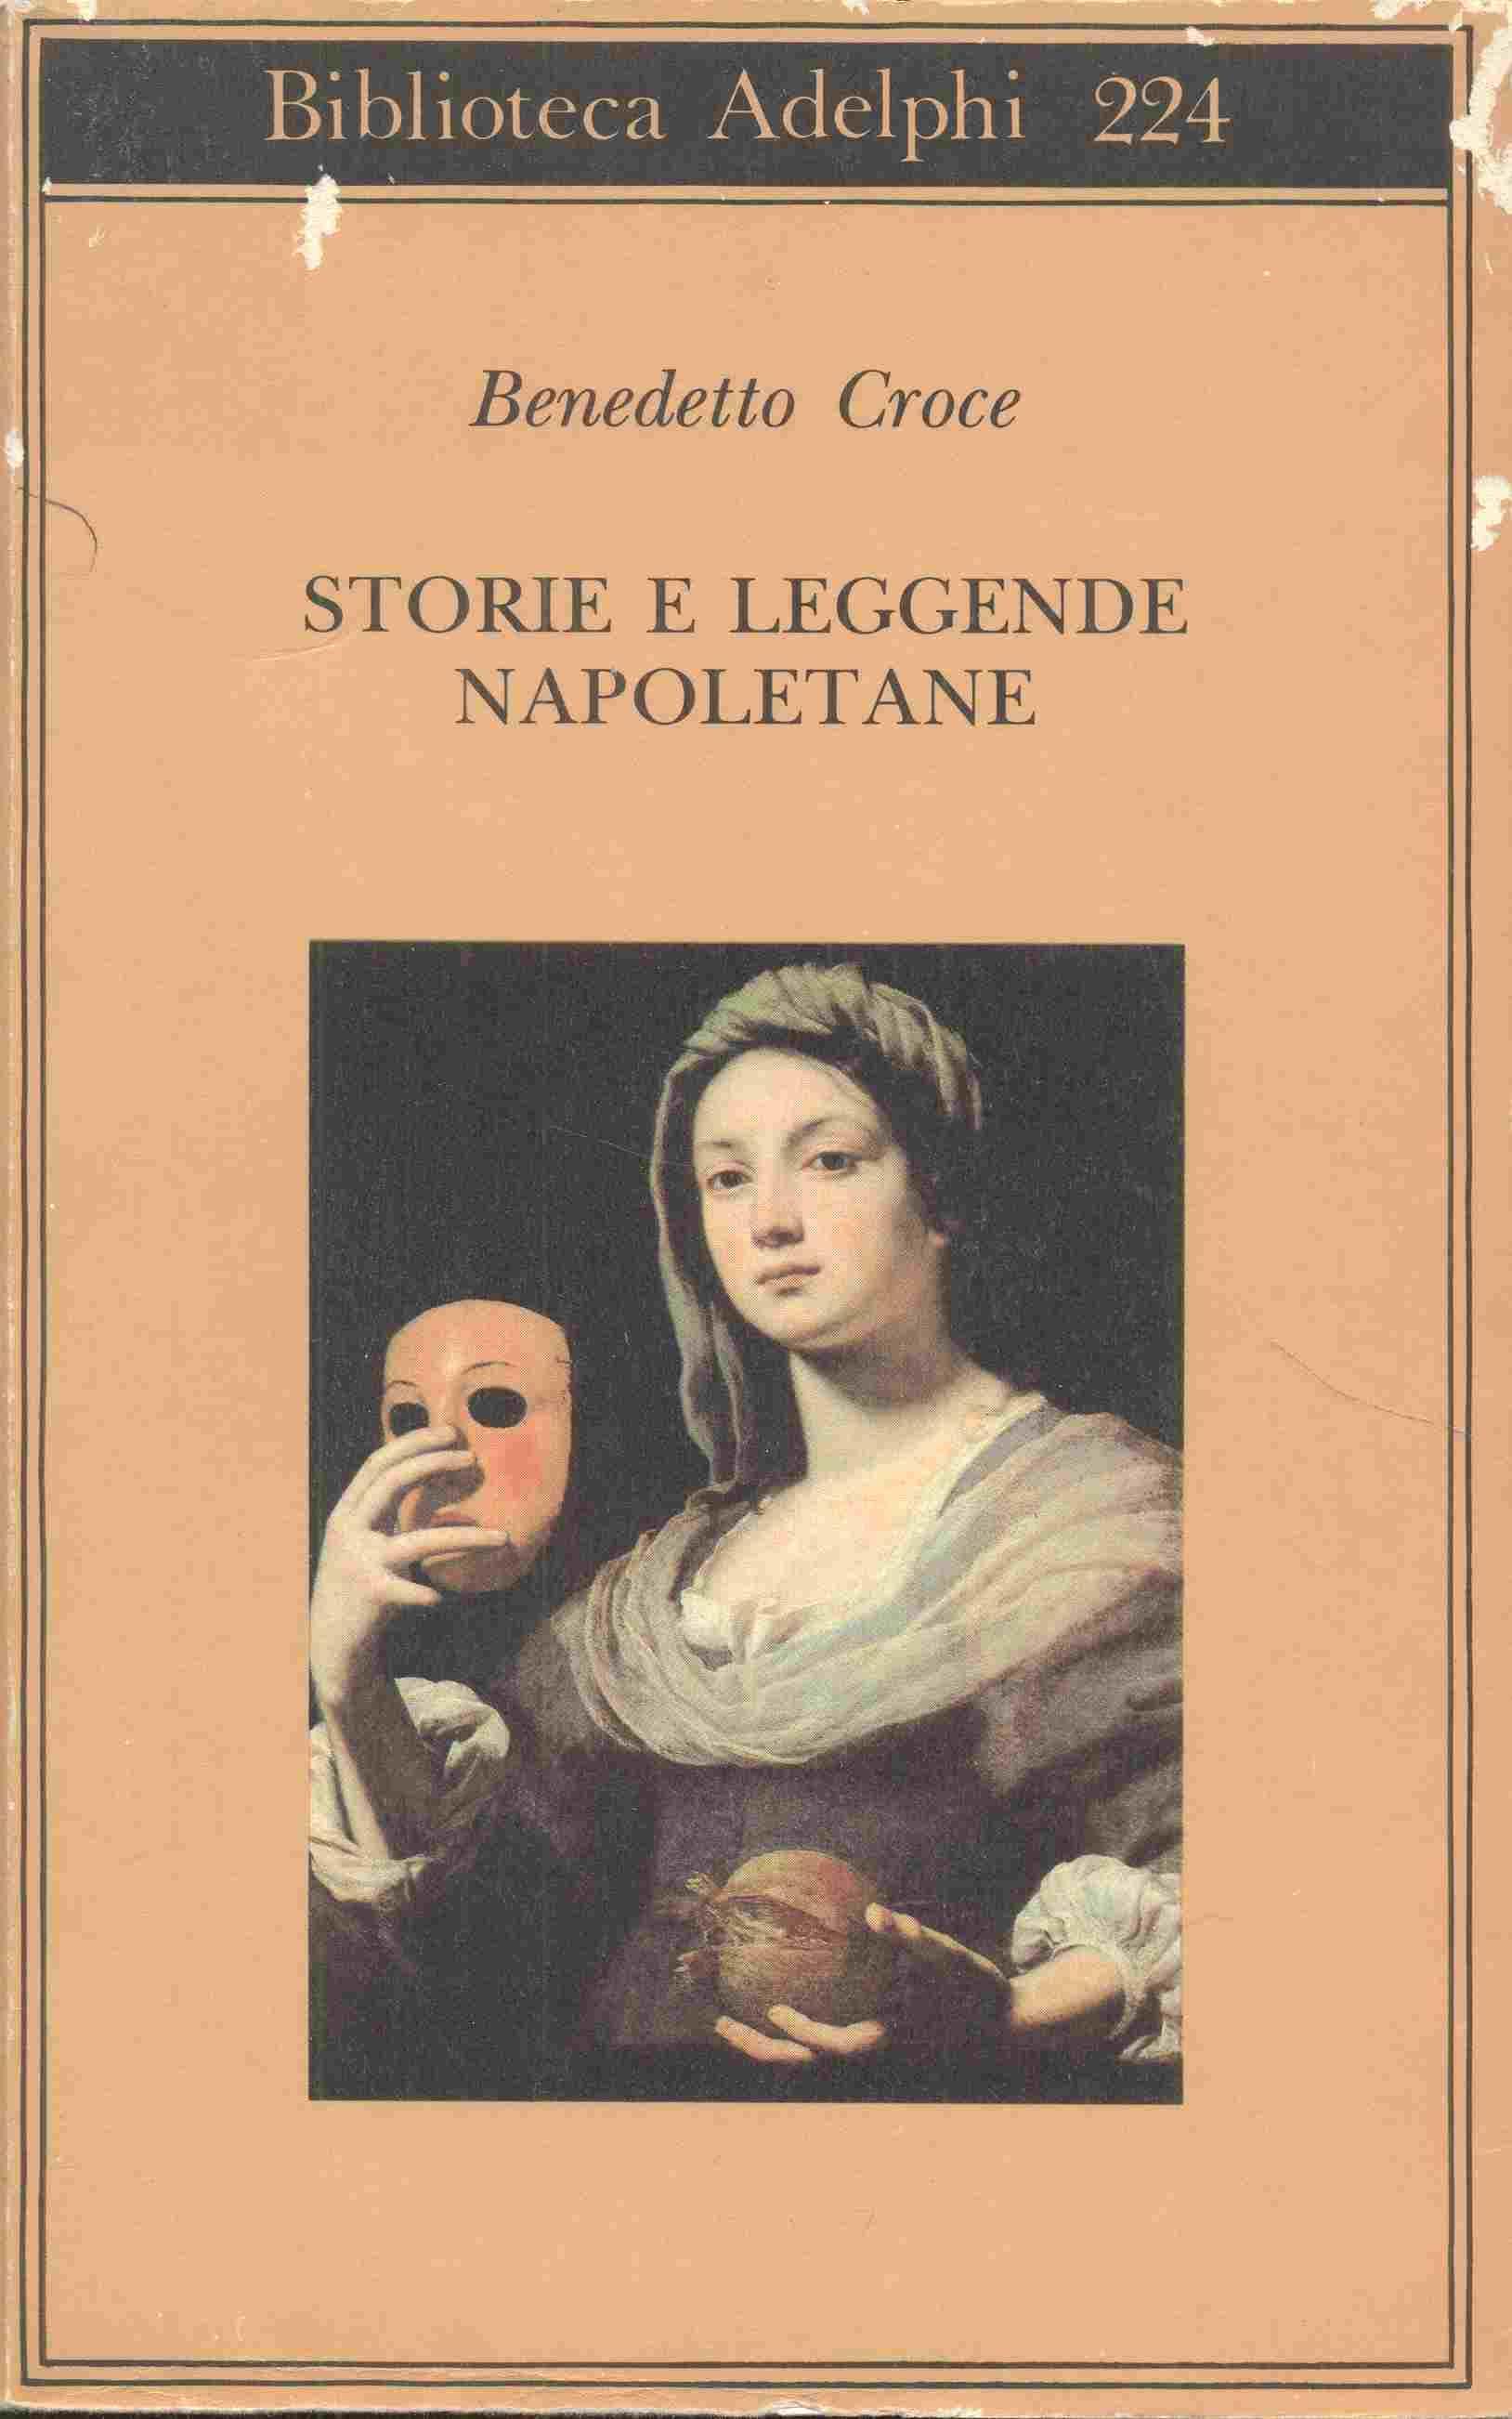 Croce's beroemde boek met daarin de Napolitaanse legende de put van de krokodil